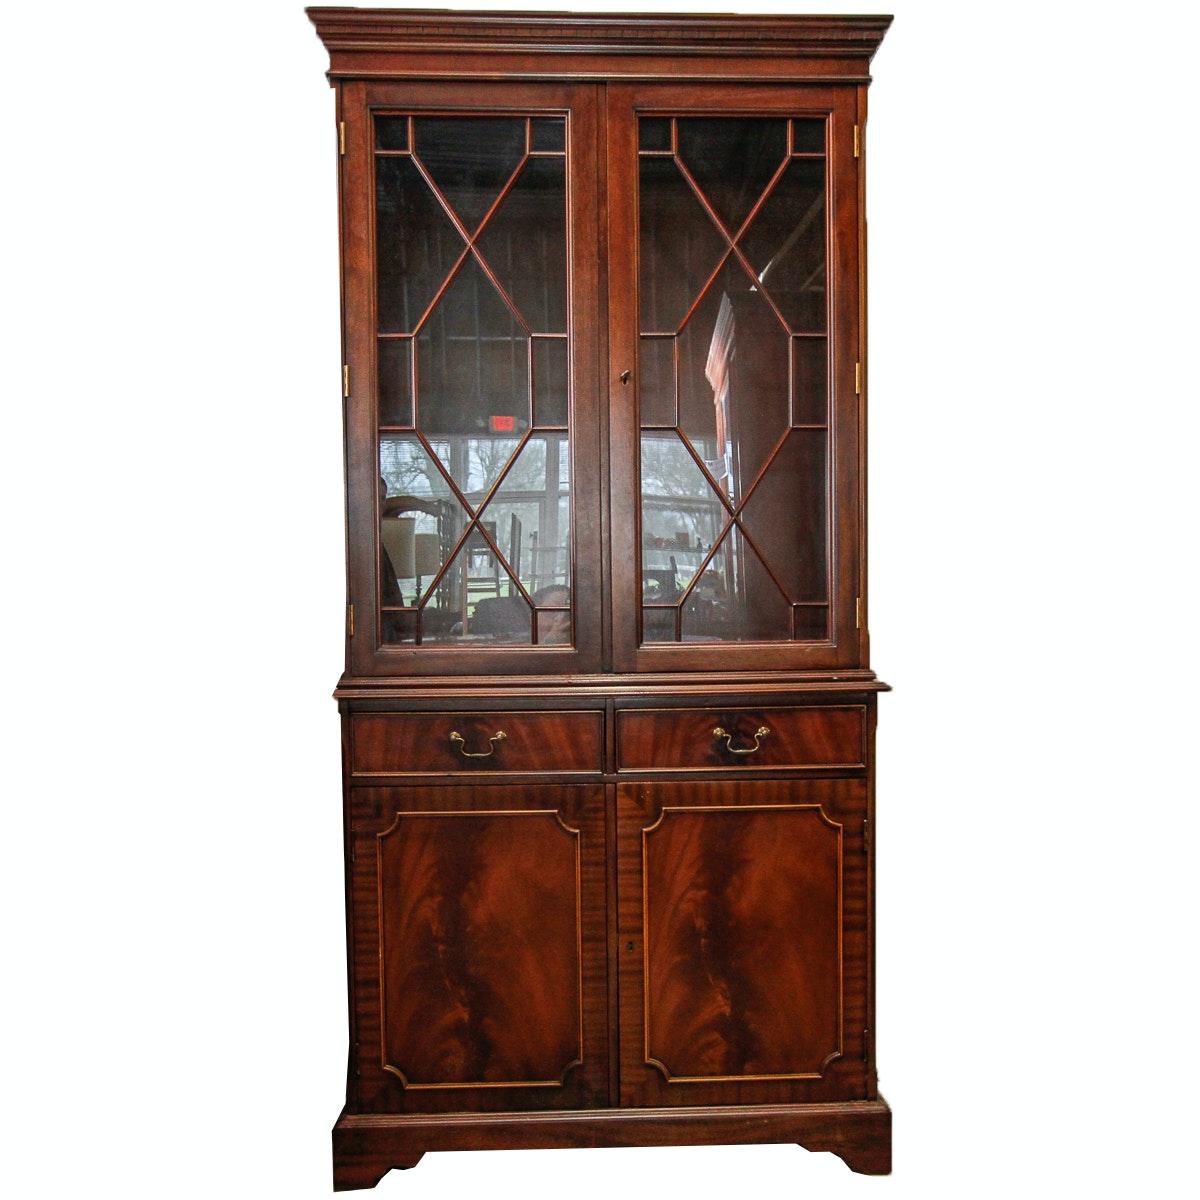 Vintage Hepplewhite Style Mahogany China Cabinet